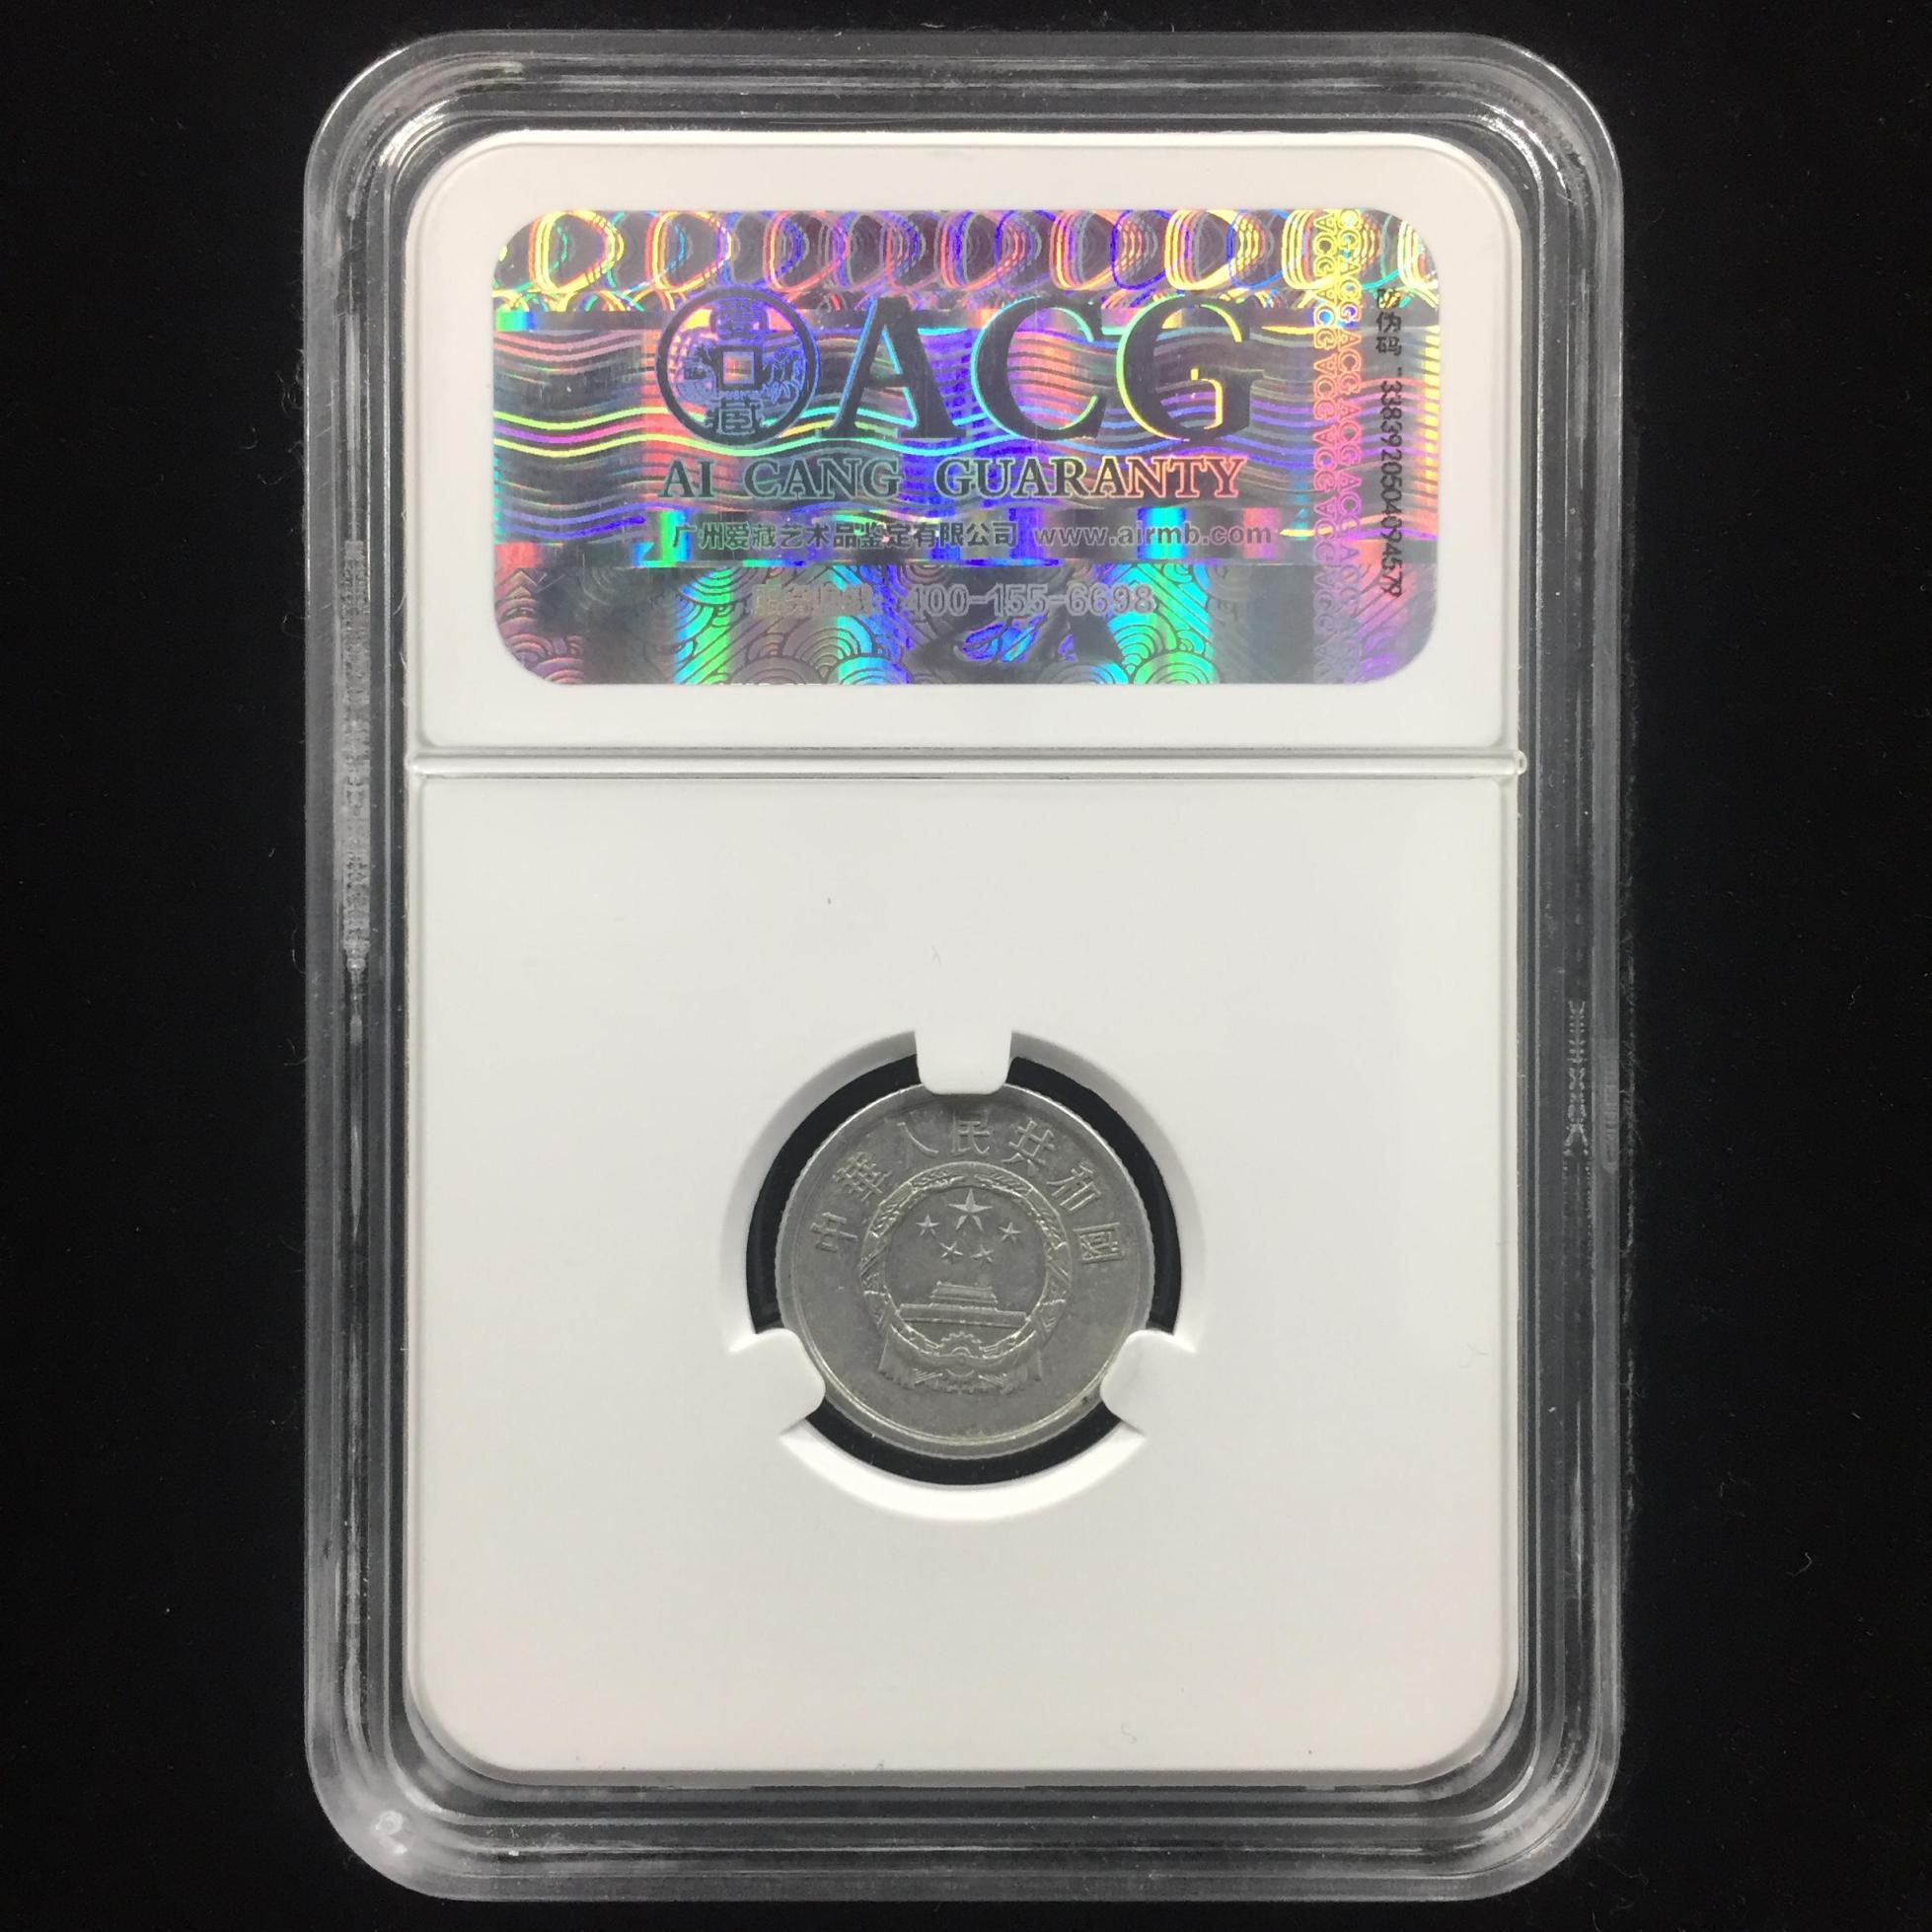 多肉币→1977年1分硬币→ACG鉴定证书-10757294